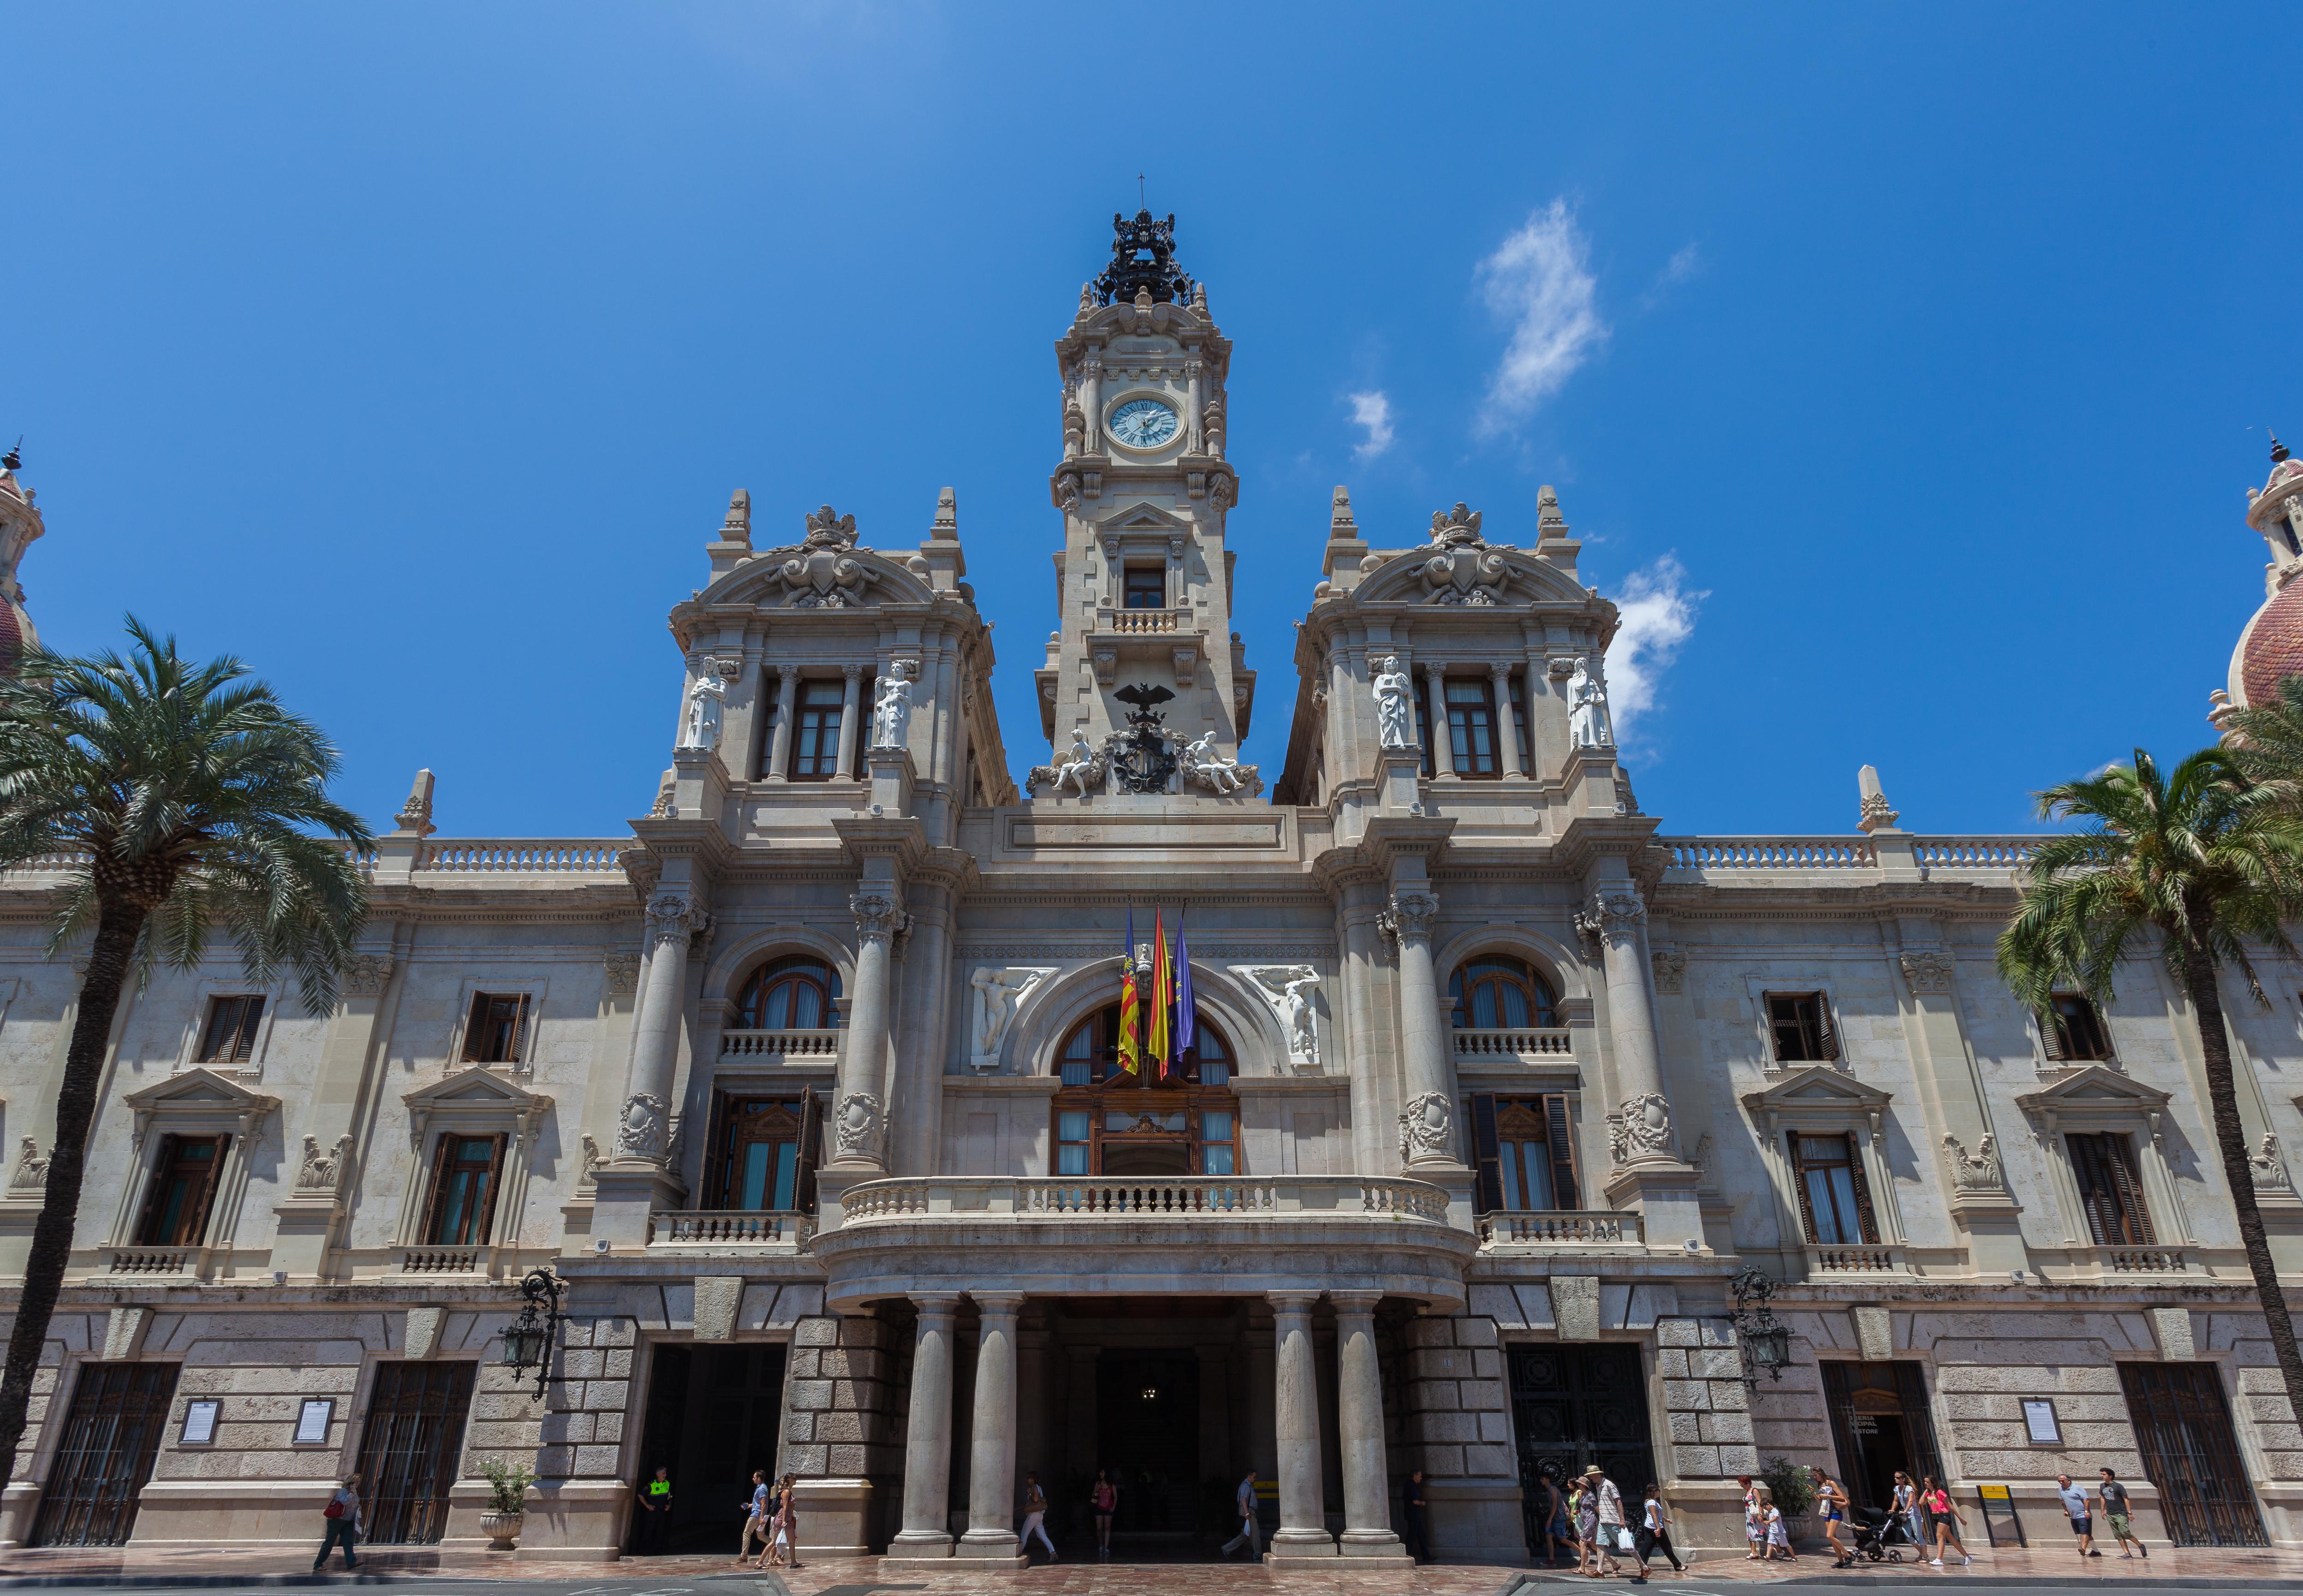 L'hôtel de ville de Valencia